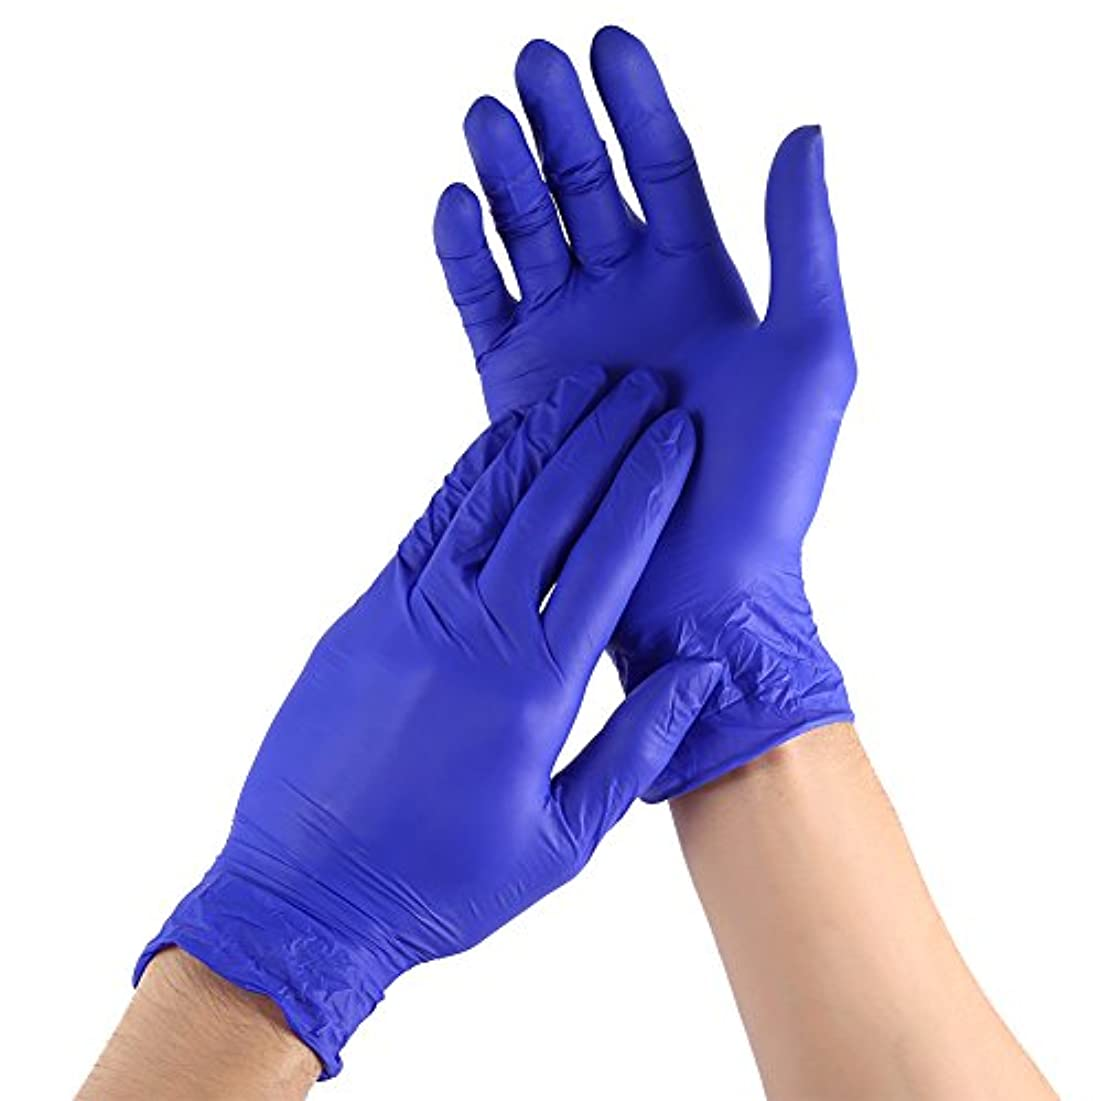 評価可能物語線形100枚セット 使い捨て手袋 ニトリルゴム手袋 薄い手袋 粉なし 手荒れ防止 メンズ レディース 左右兼用 伸縮性 三つサイズ選択可 作業用 家庭用 仕事 オフィス (S)